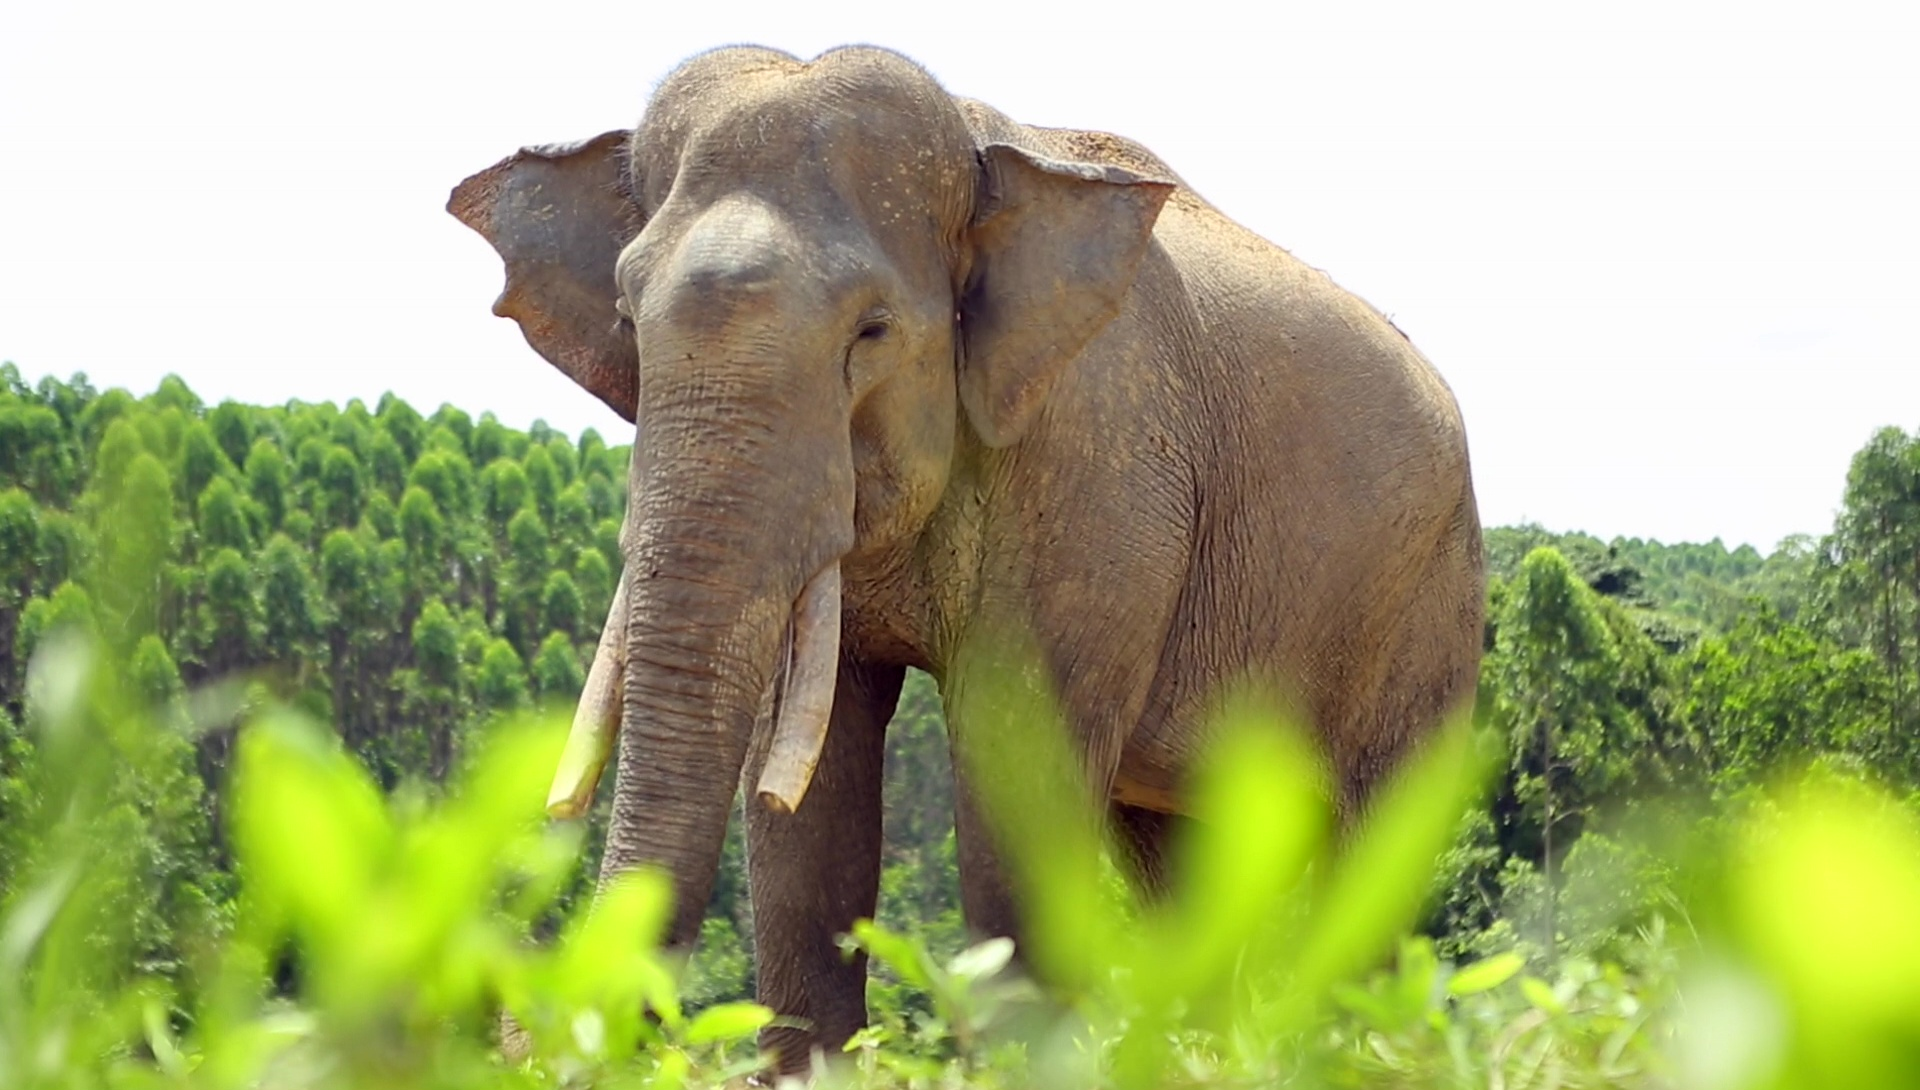 Elephant, Sumatra, Indonesia